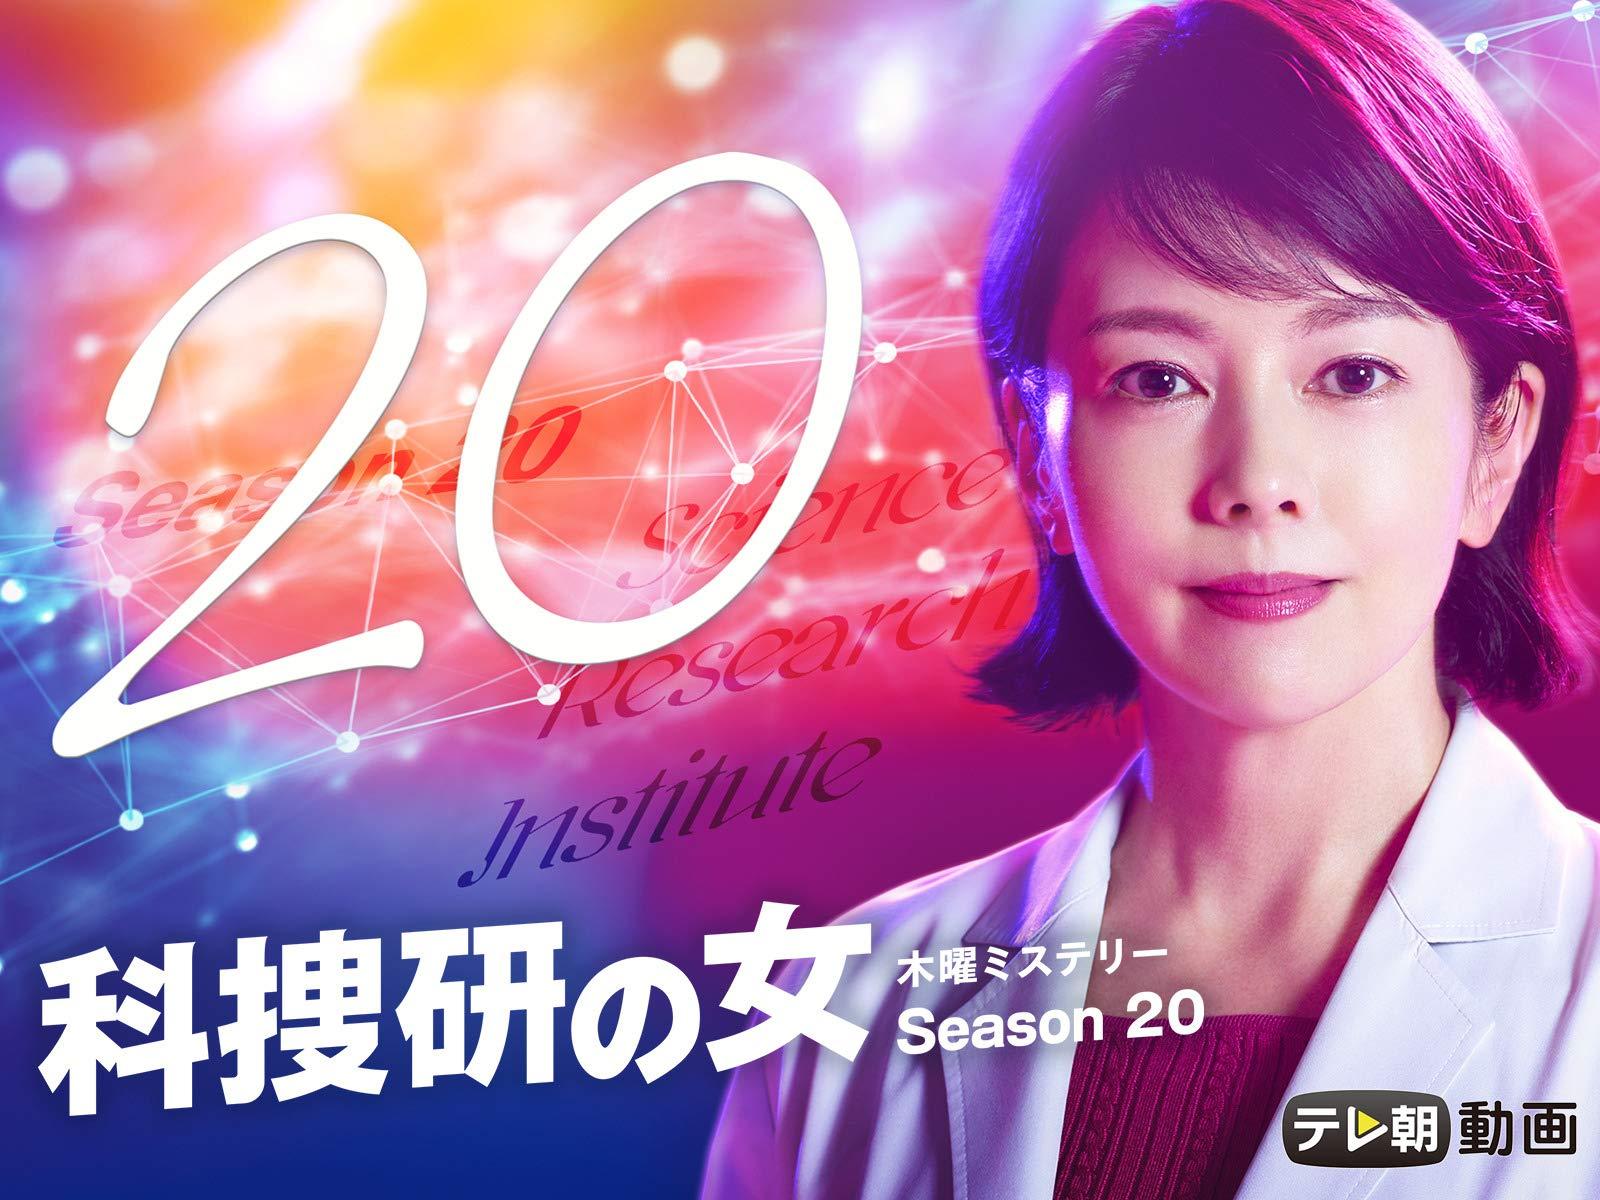 日本化学武器_Amazon.co.jp: 科捜研の女 season20を観る | Prime Video